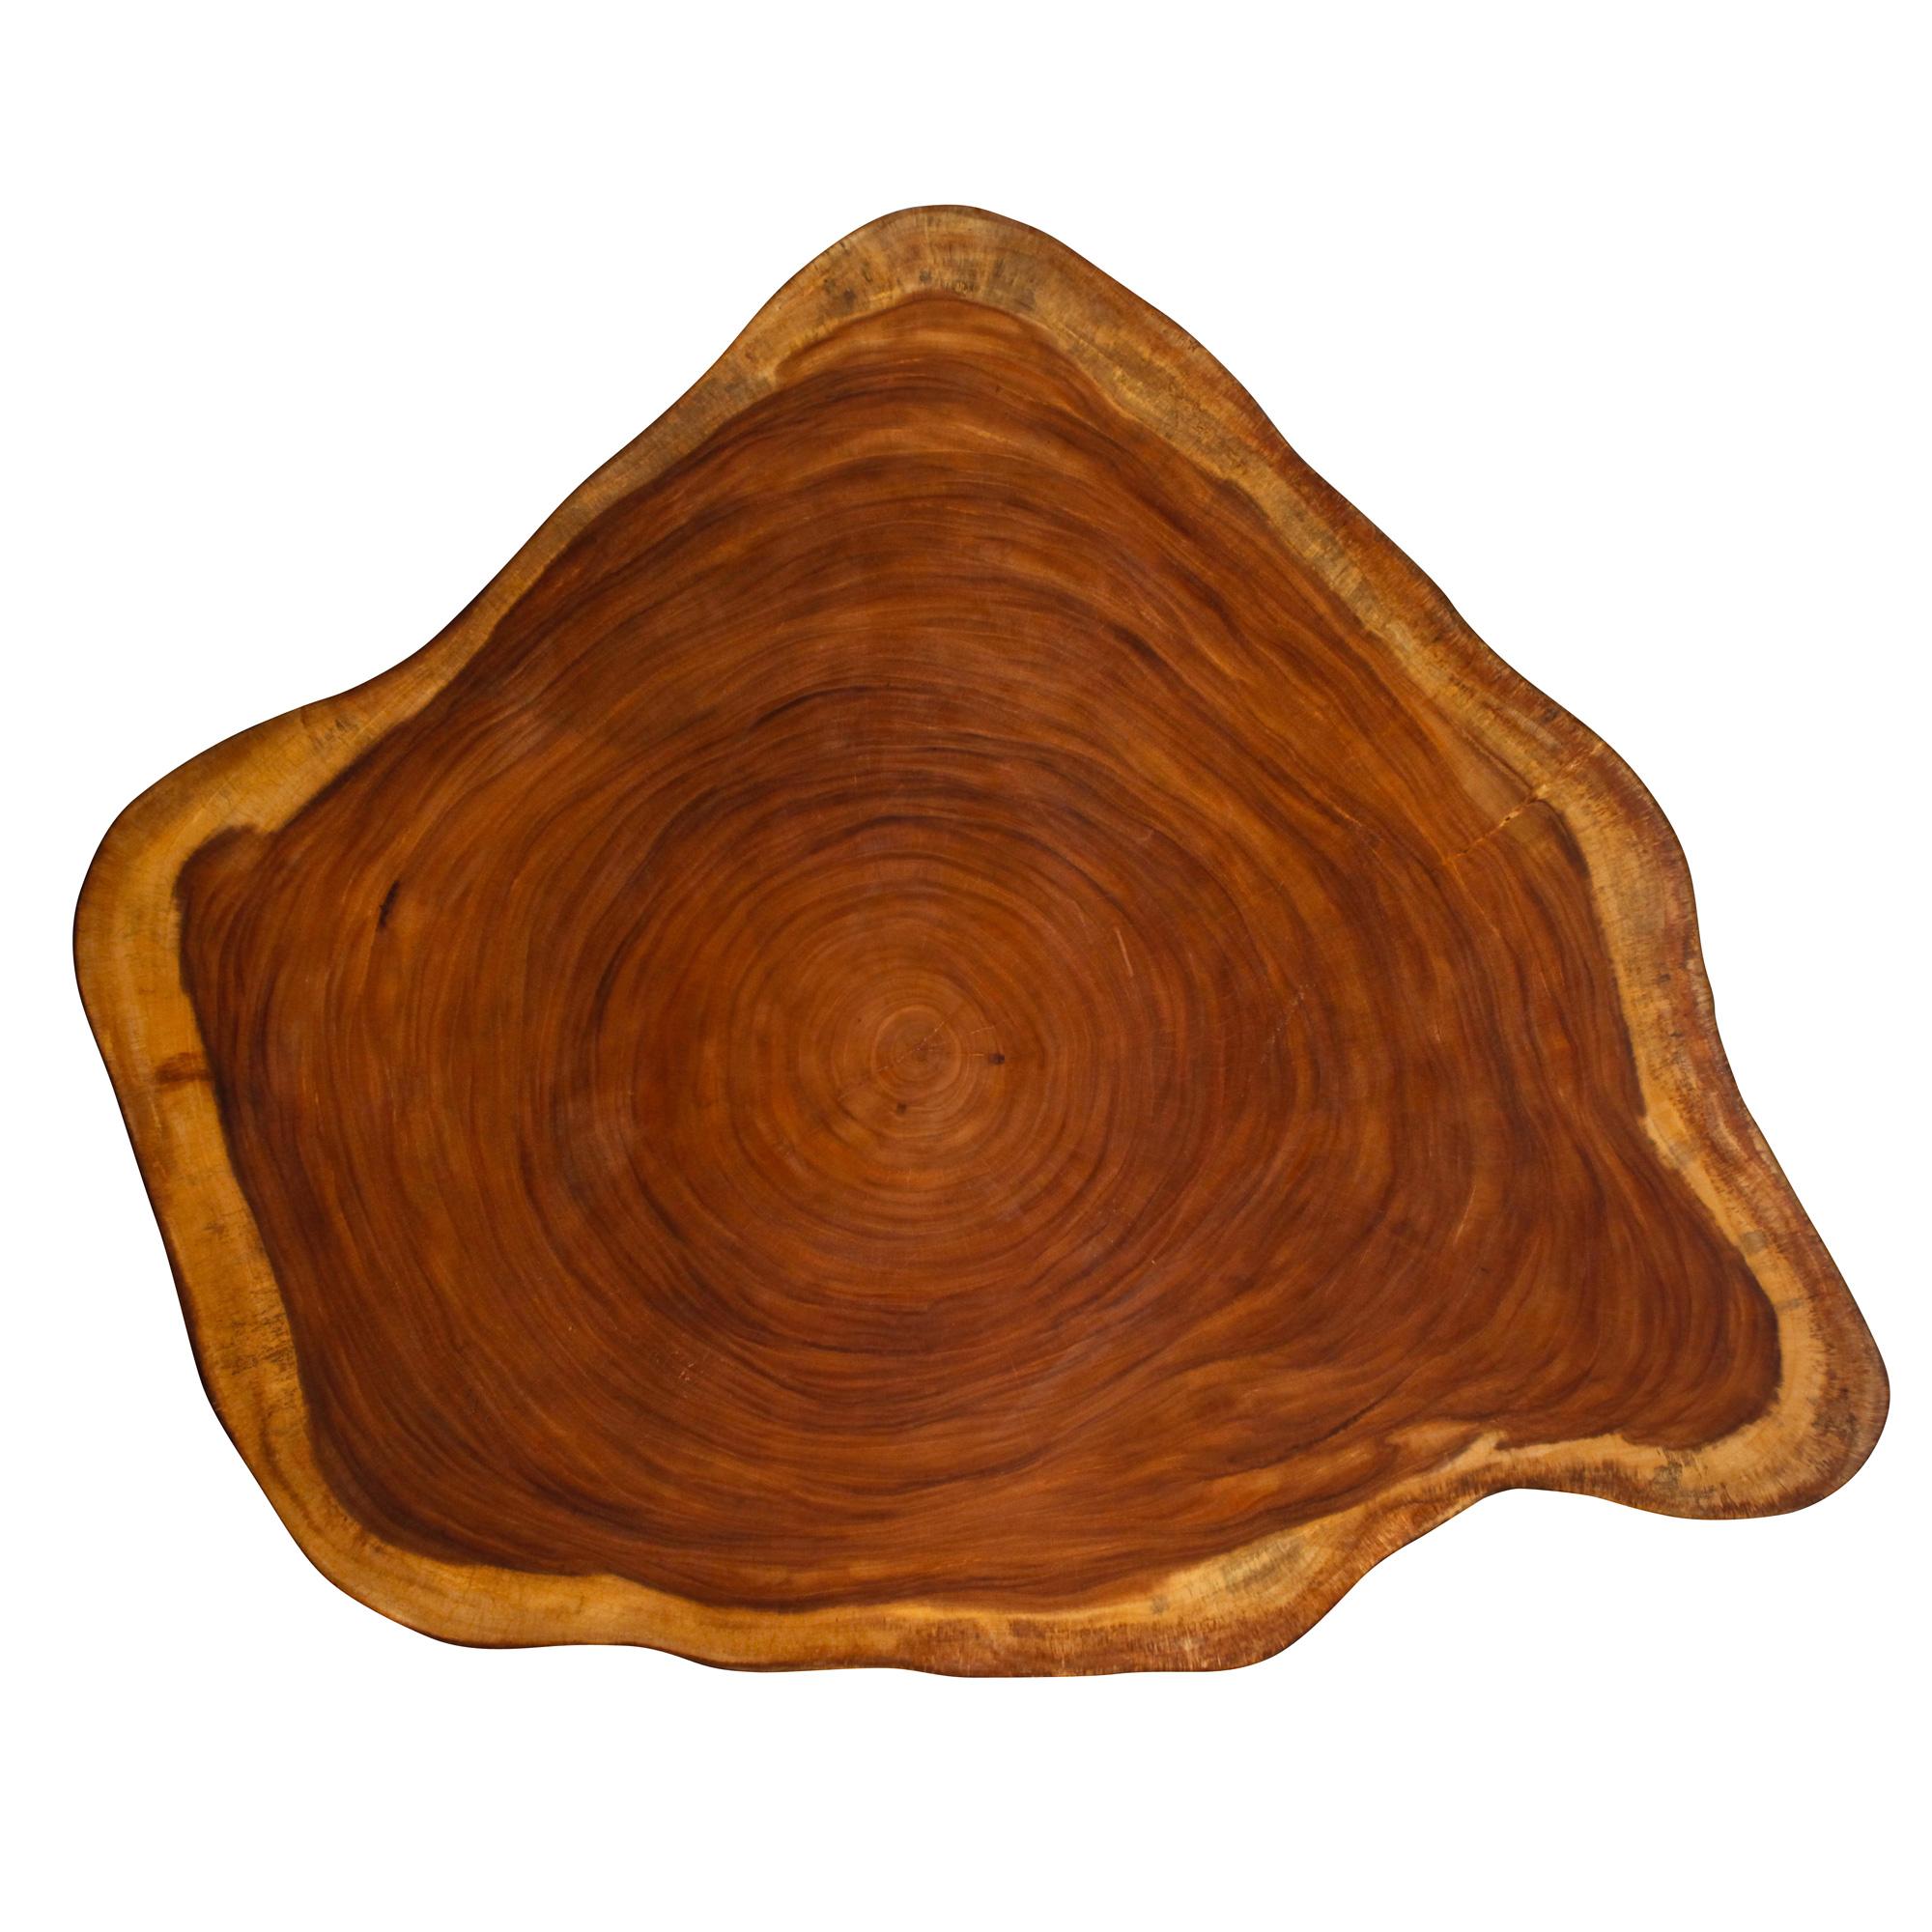 Saman Natural Wood Art - R4